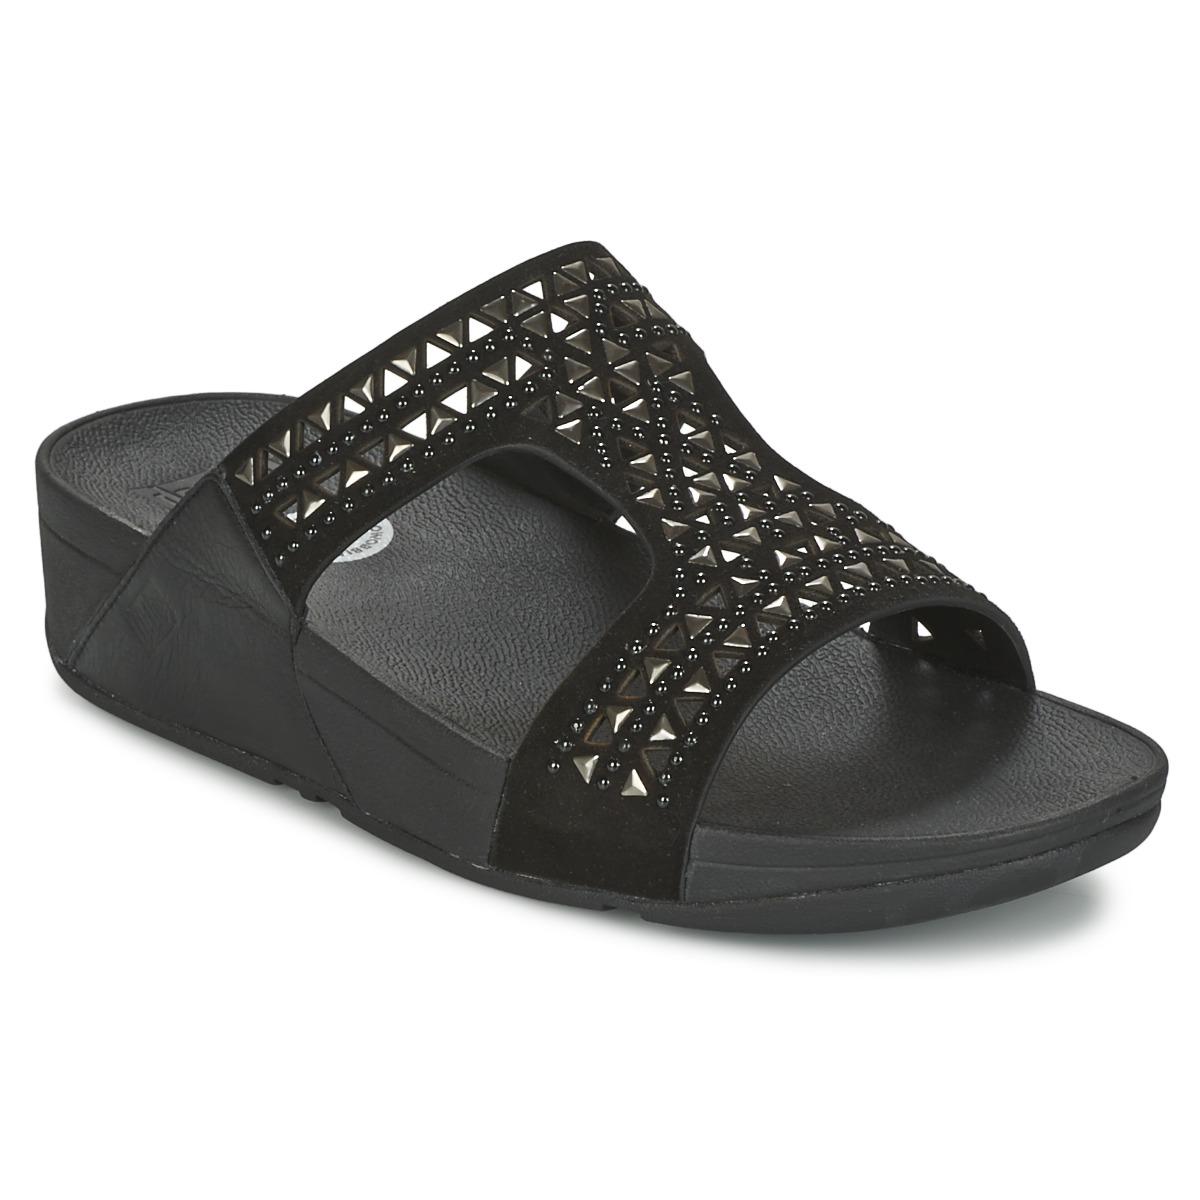 fitflop carmel slide noir chaussure pas cher avec chaussures mules femme 95 20. Black Bedroom Furniture Sets. Home Design Ideas